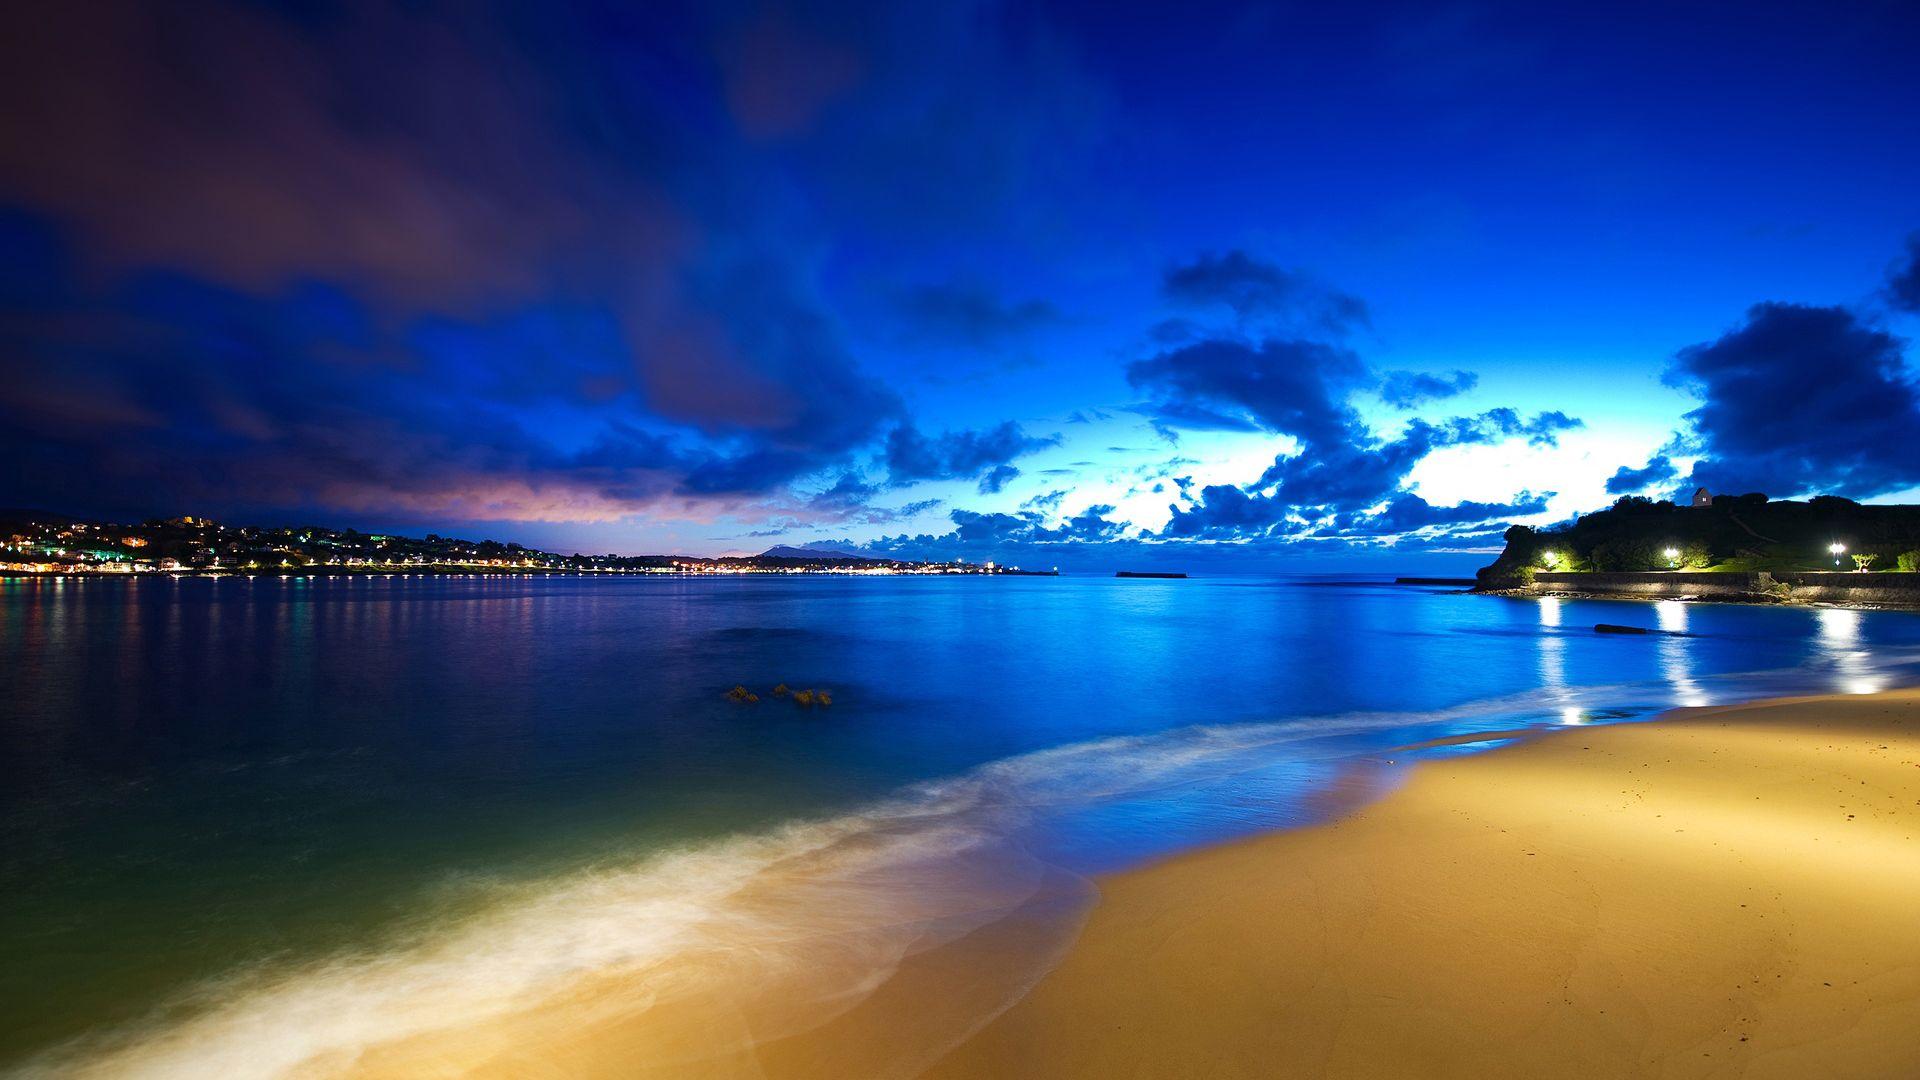 Hd Beach Wallpapers 1080p Wallpaper Hd Wallpaper Background Beach Wallpaper Scenic Wallpaper Ocean Wallpaper